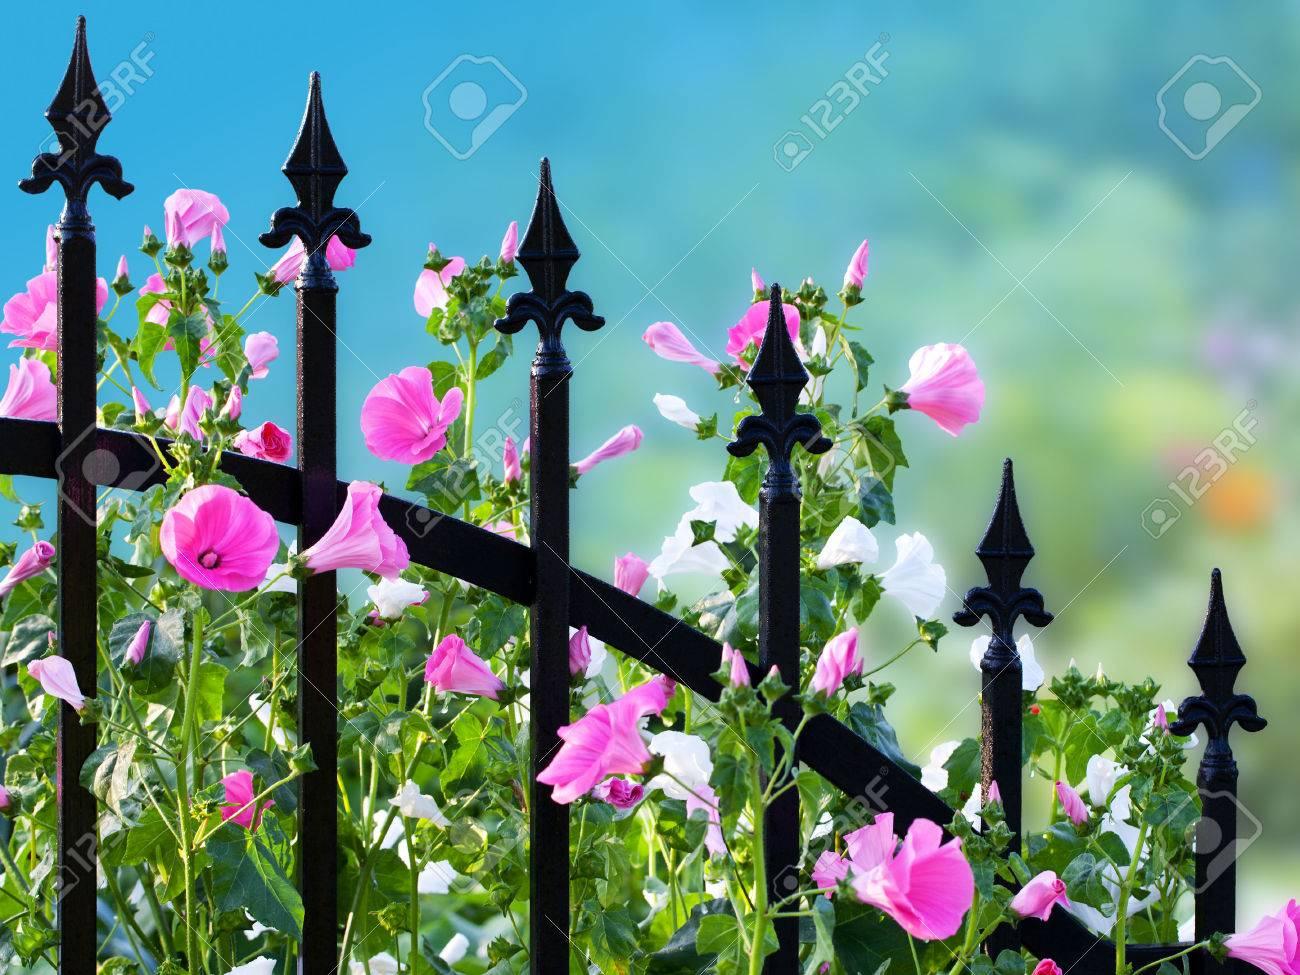 clôture en fer forgé avec le chemin annuel fleurs de mauve de